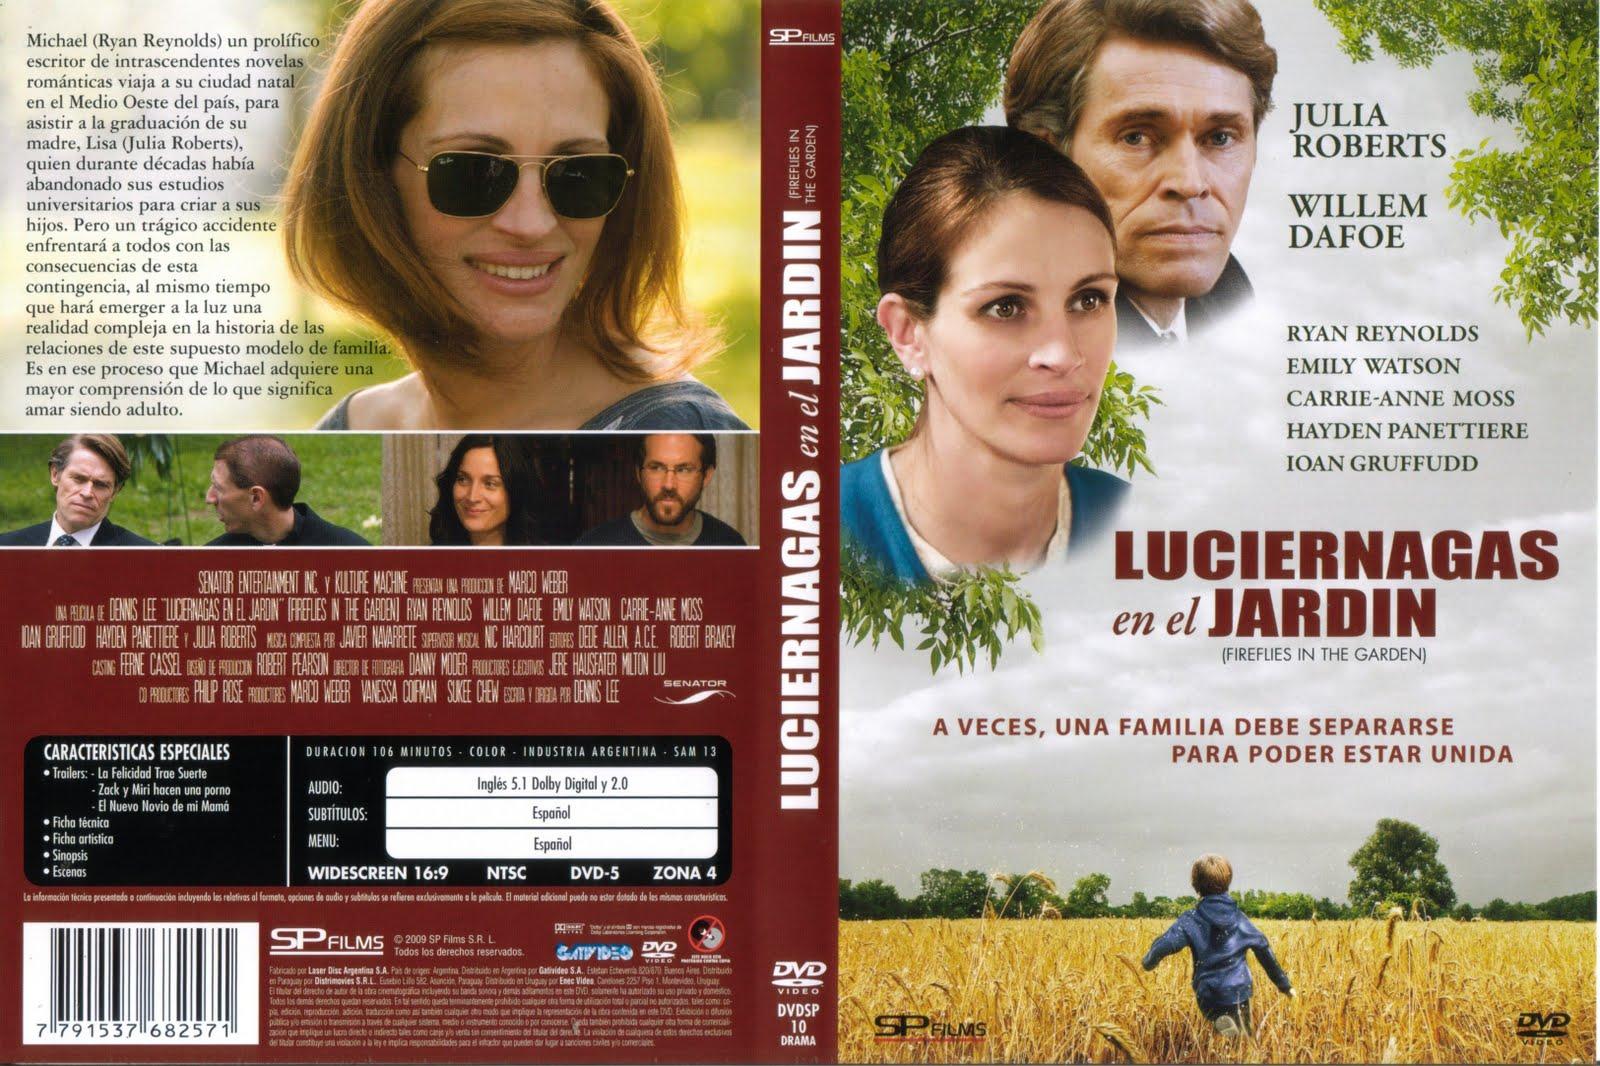 Cine city luciernagas en el jardin for Luciernagas en el jardin libro